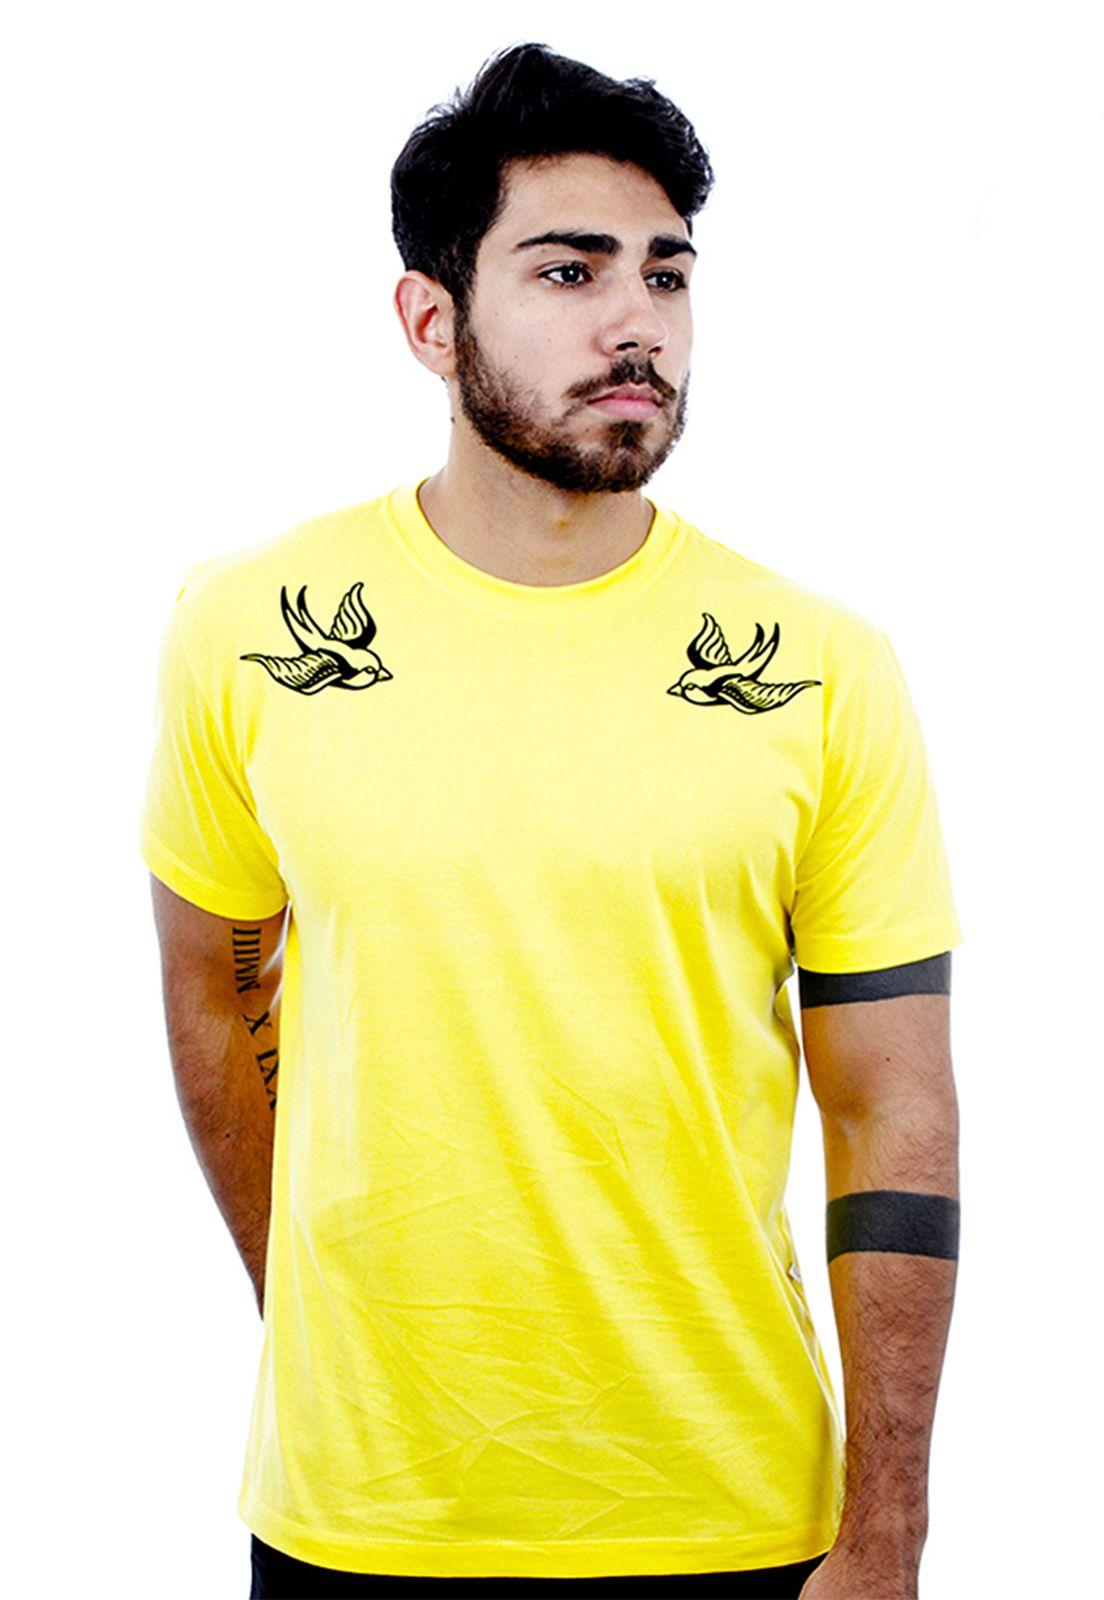 Camiseta masculina amarela Andorinhas - 100% algodão - Hardivision